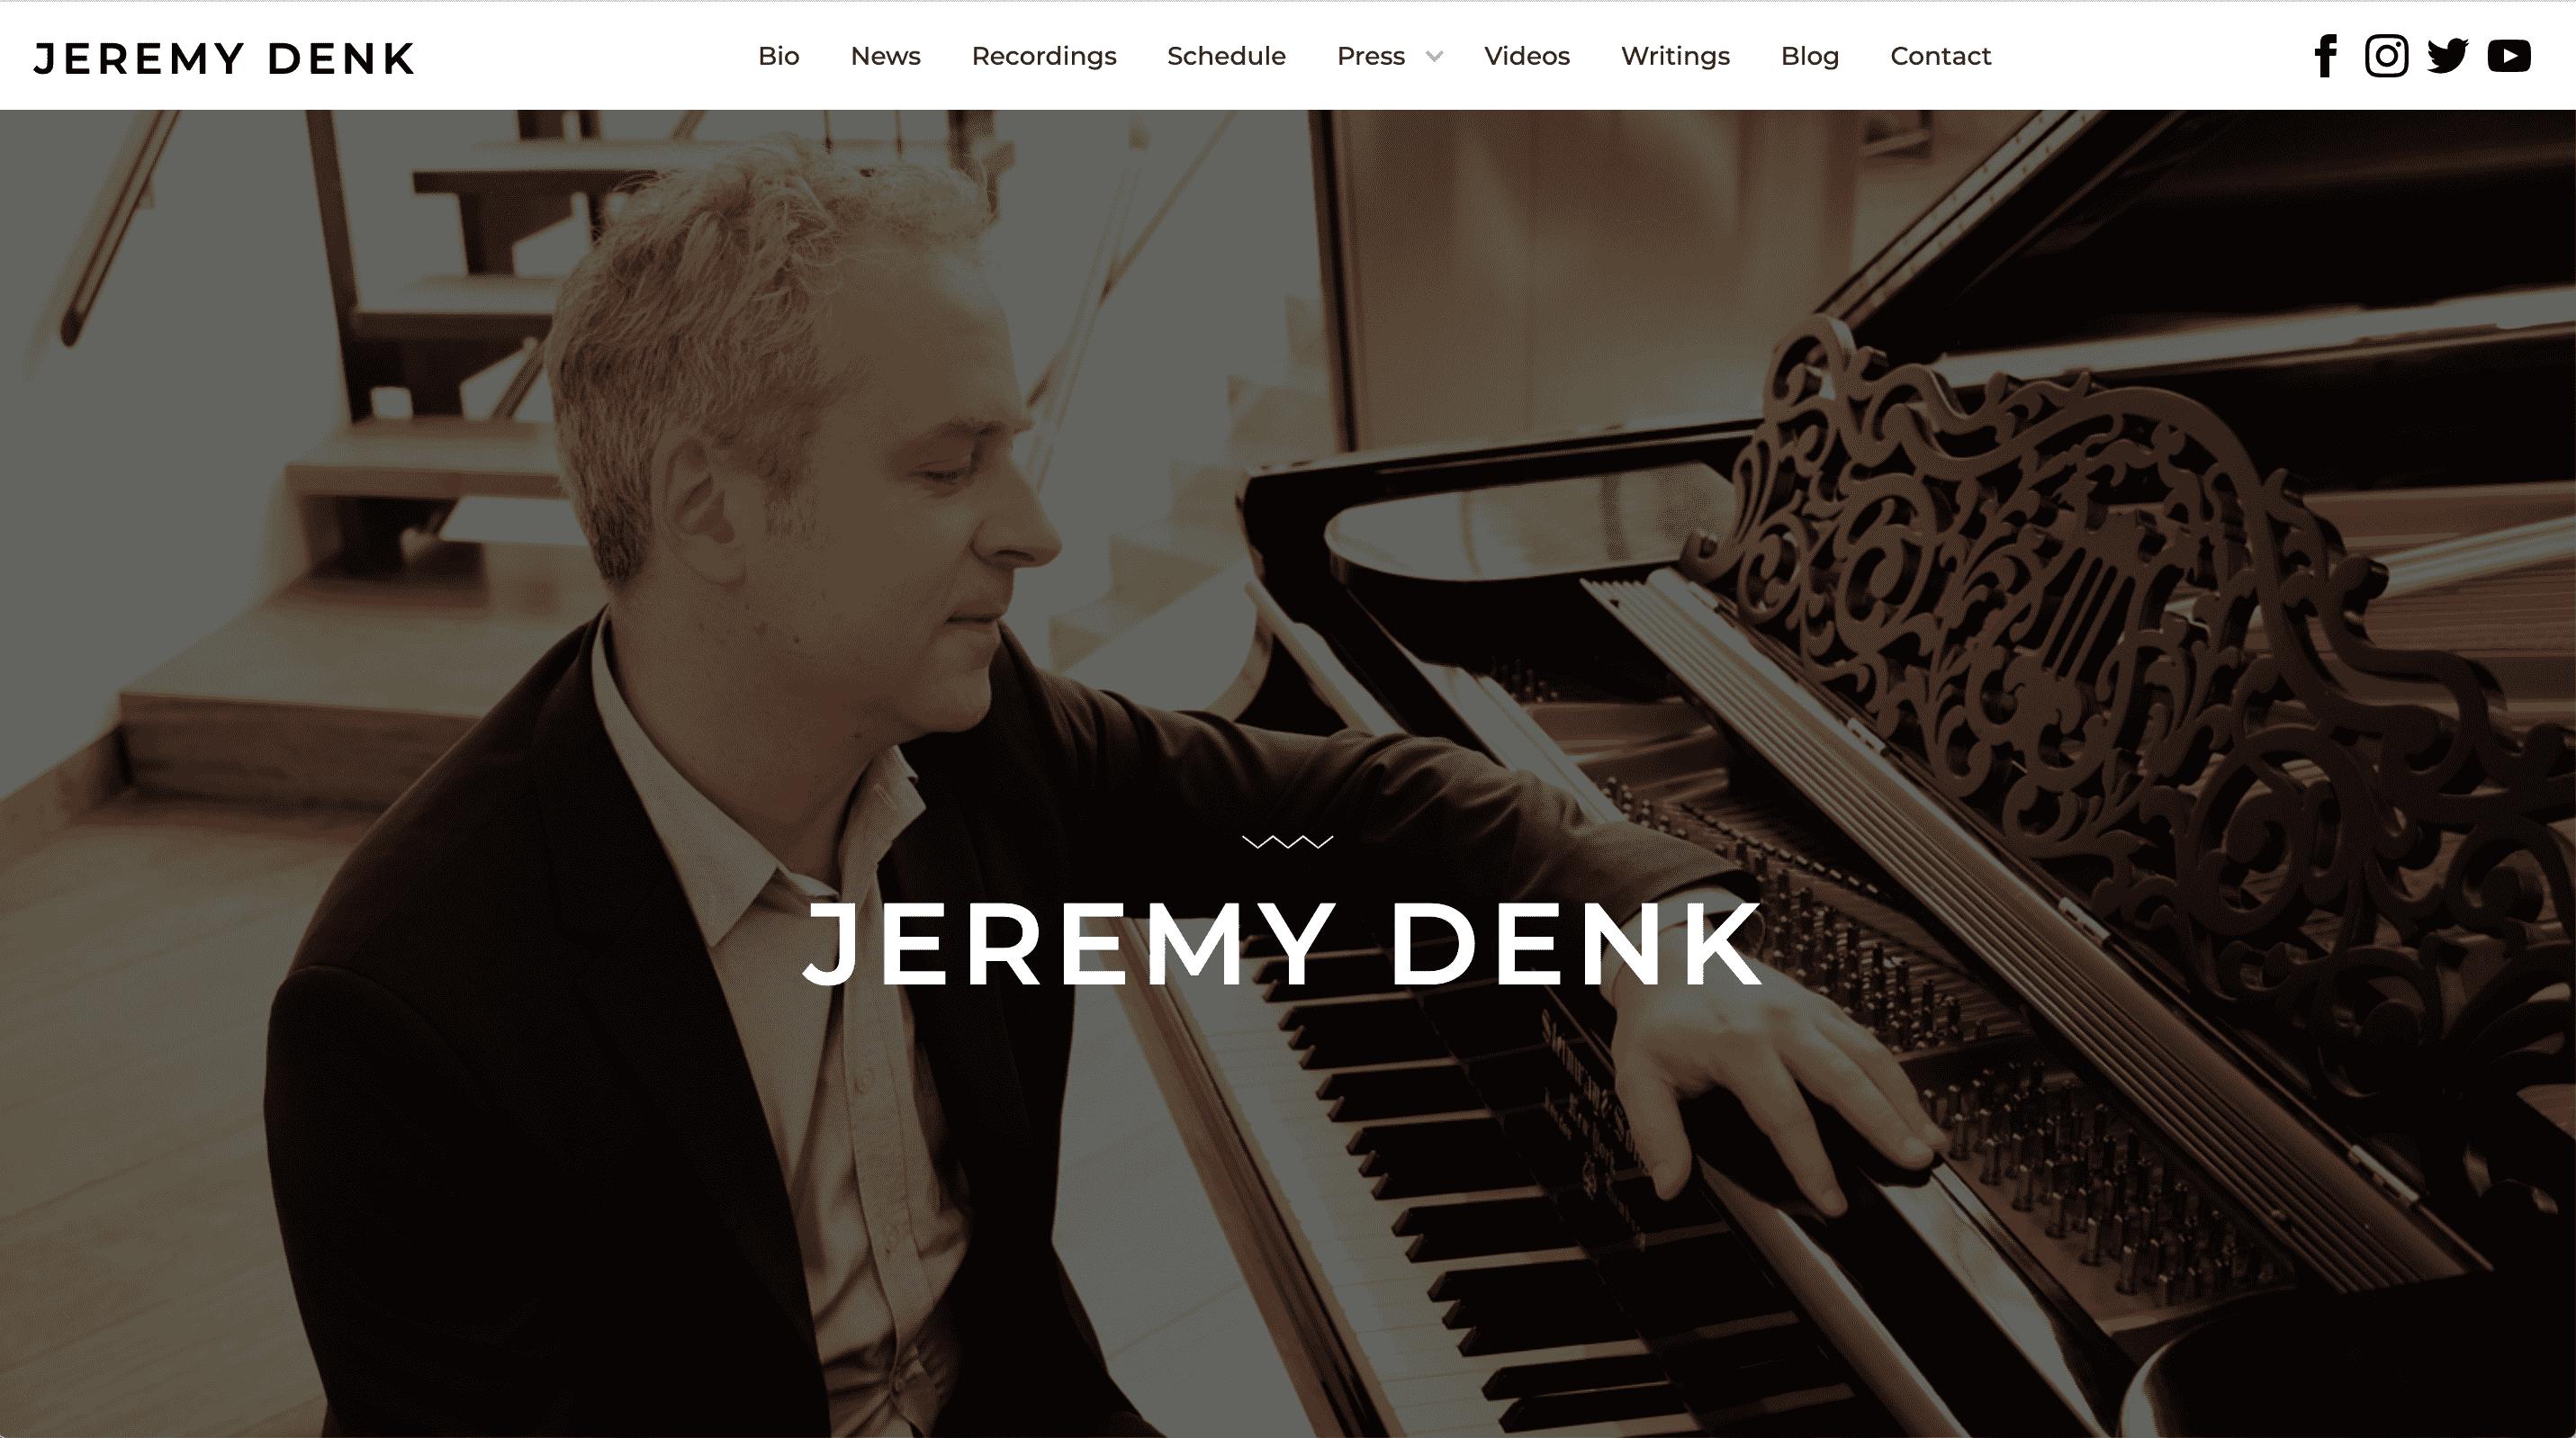 Jeremy Denk : Unison Media